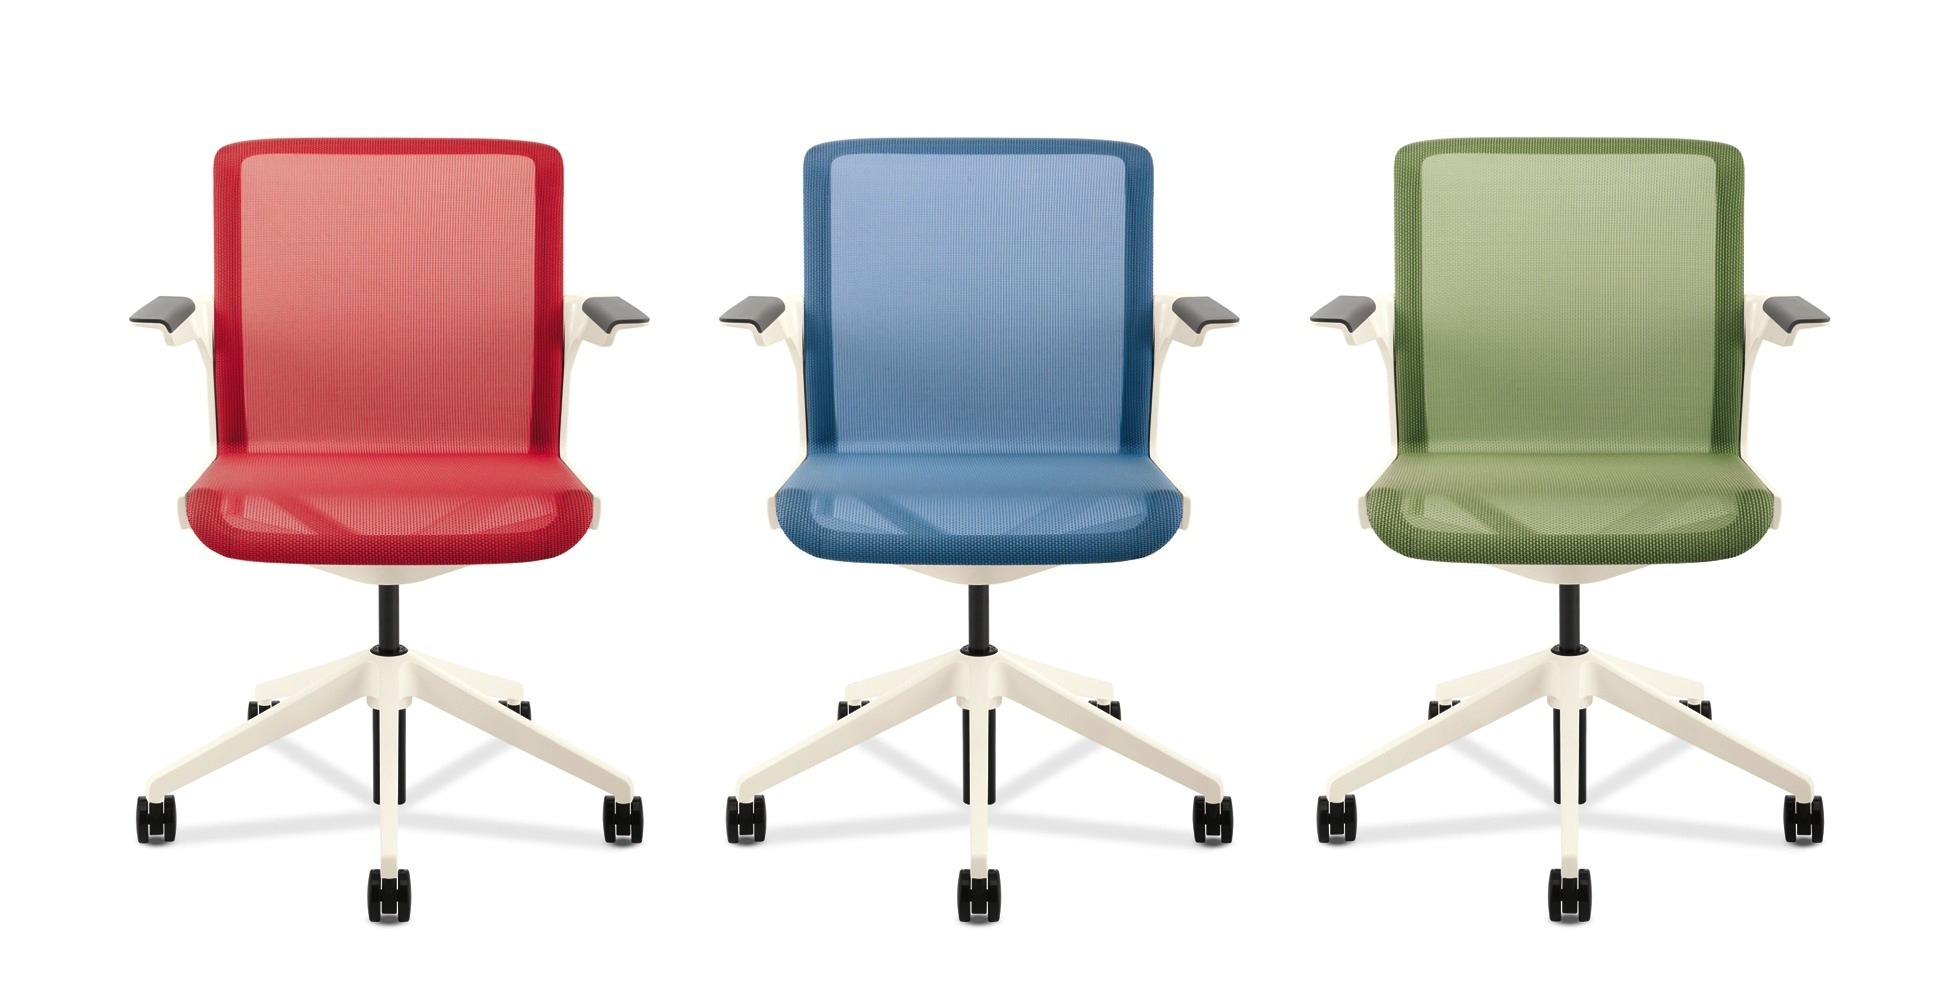 BMW DesignworksUSA and Allsteel Design Award Winning Chair